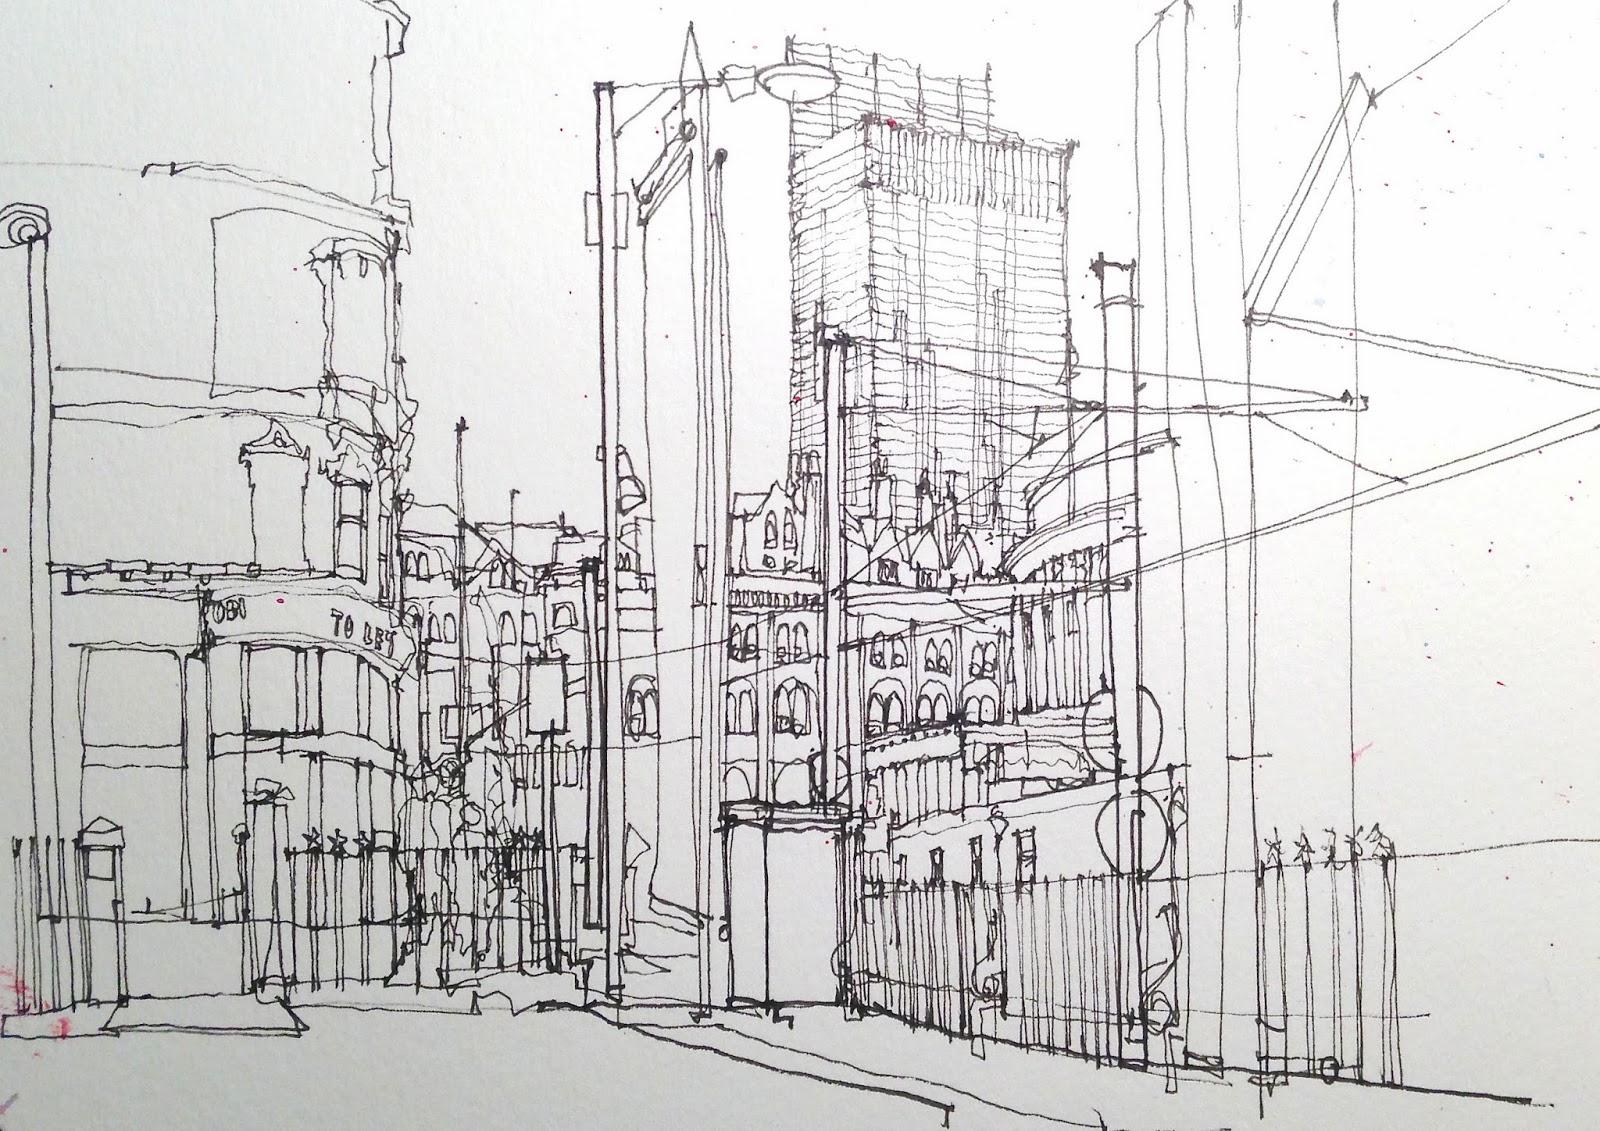 Urban Sketching - Home